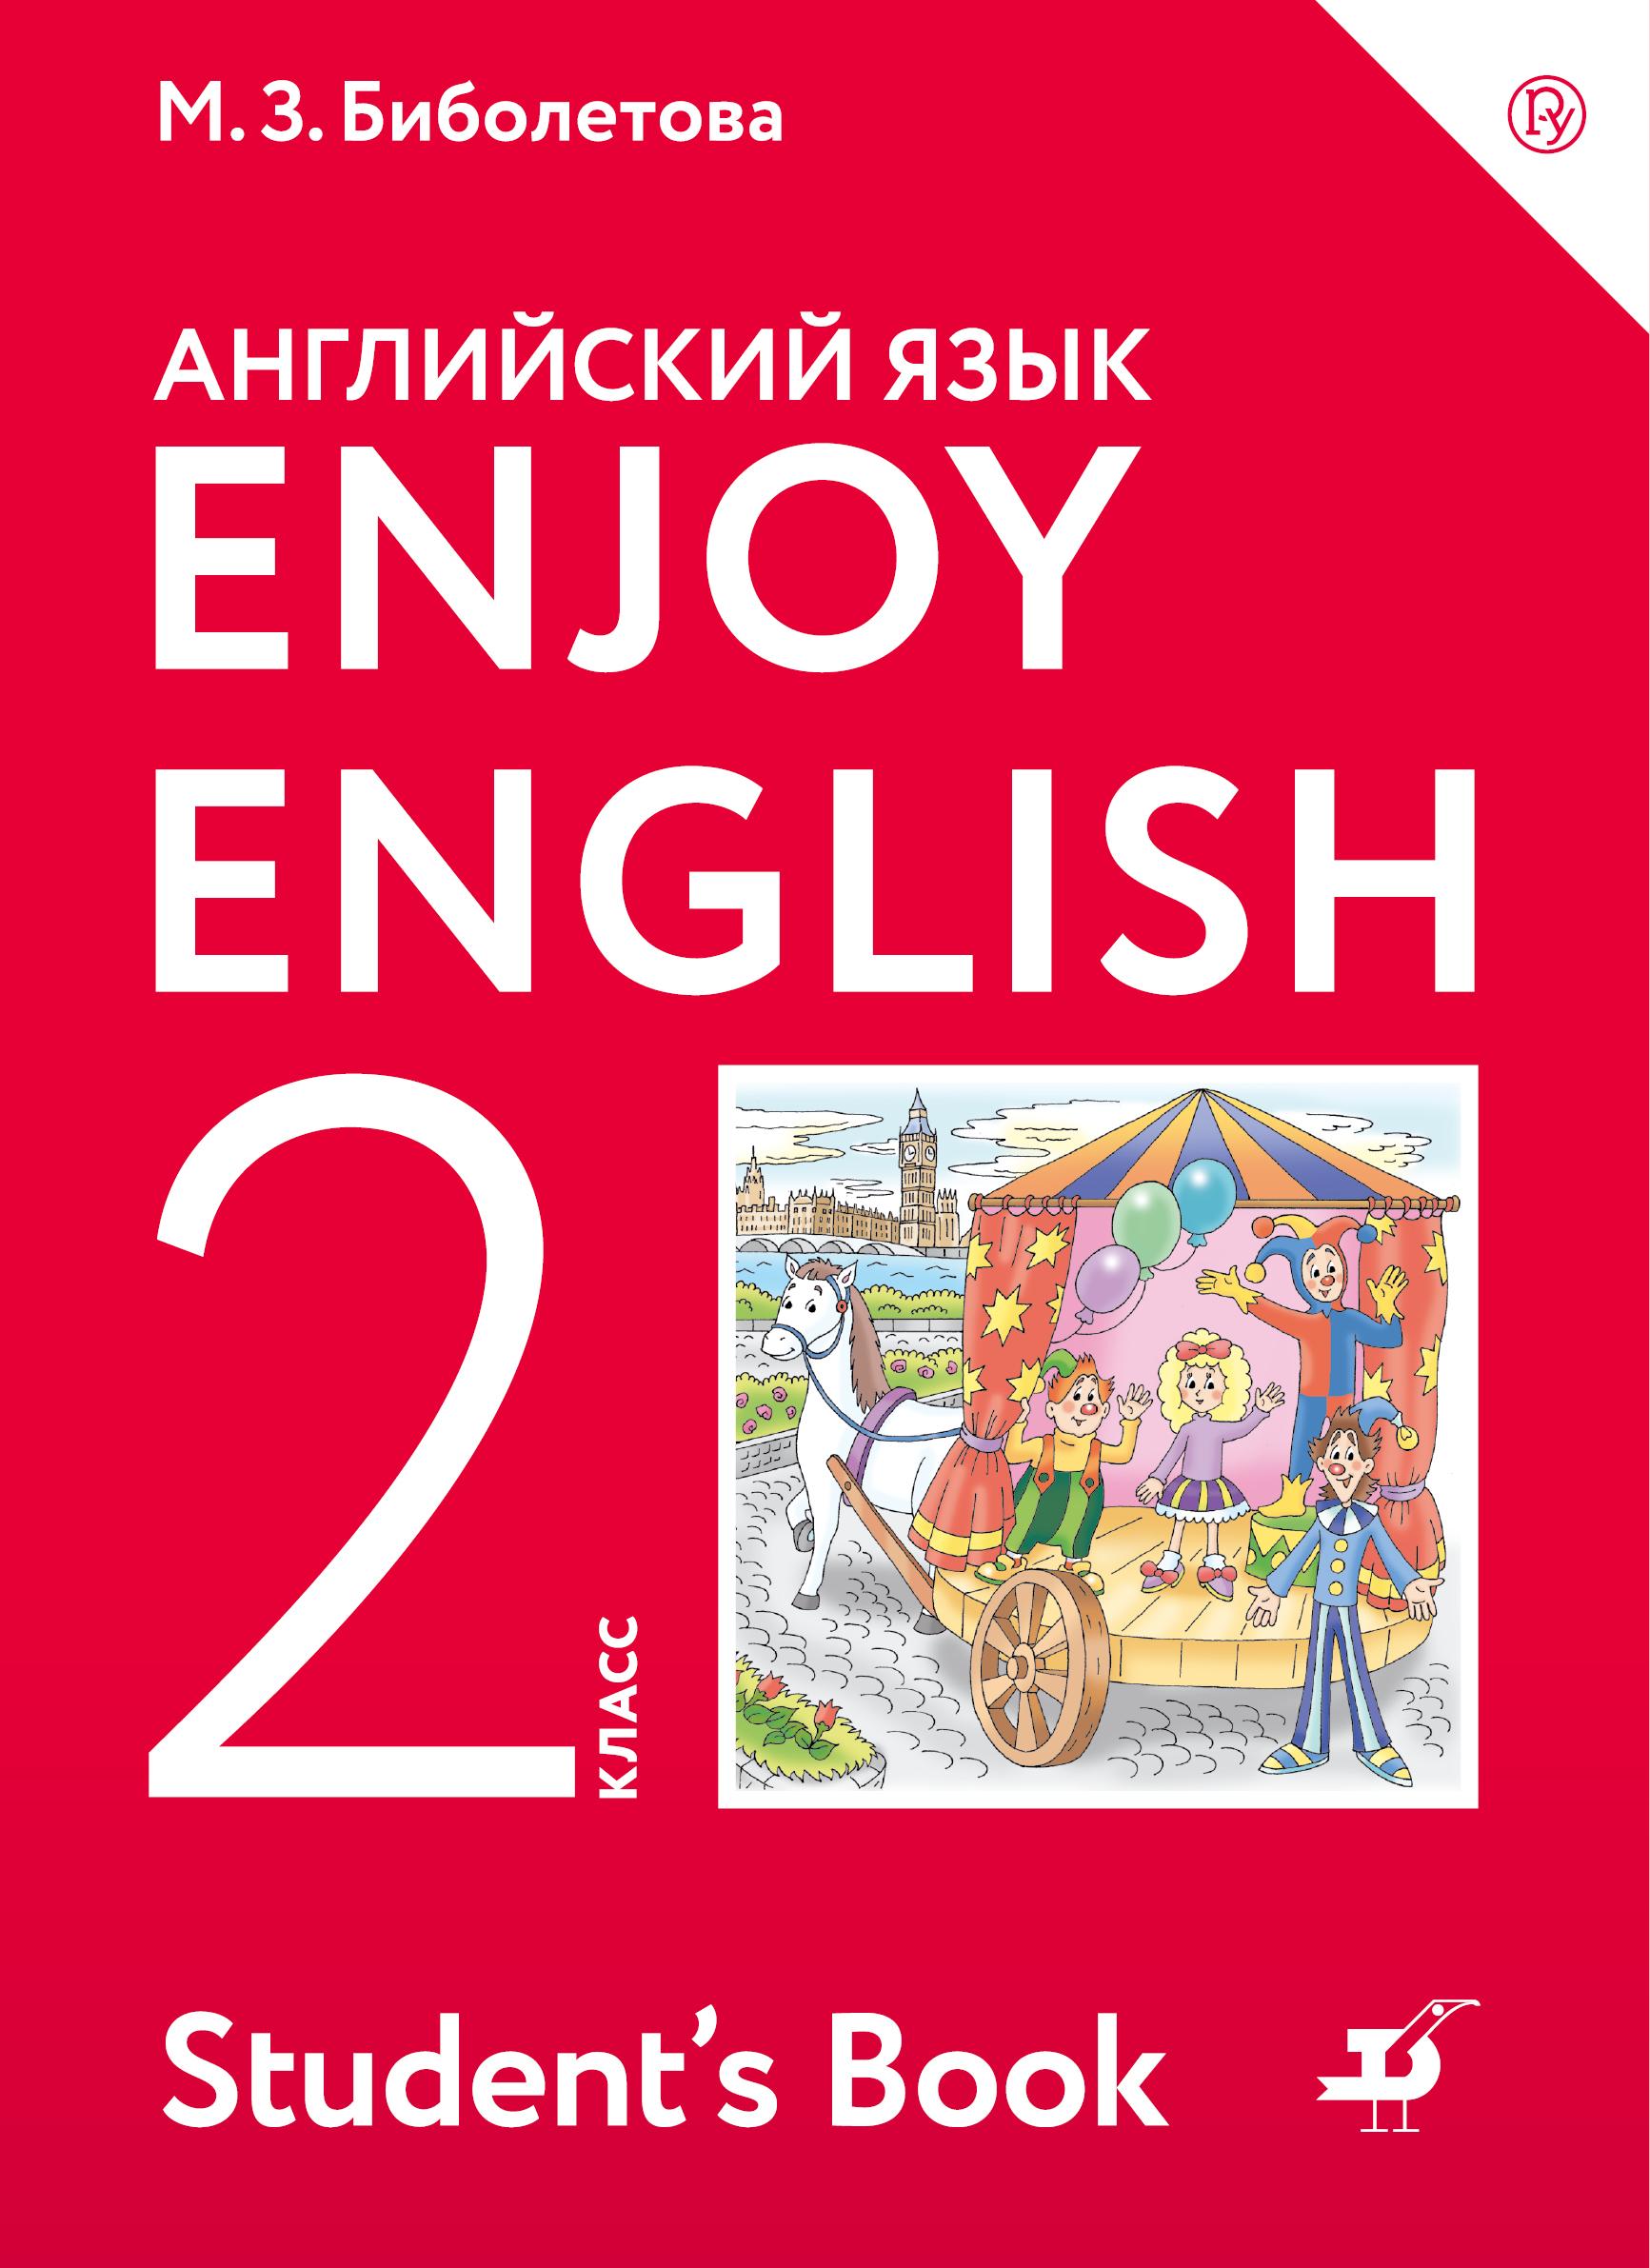 Биболетова М.З. Enjoy English/Английский с удовольствием. 2 класс. Учебник